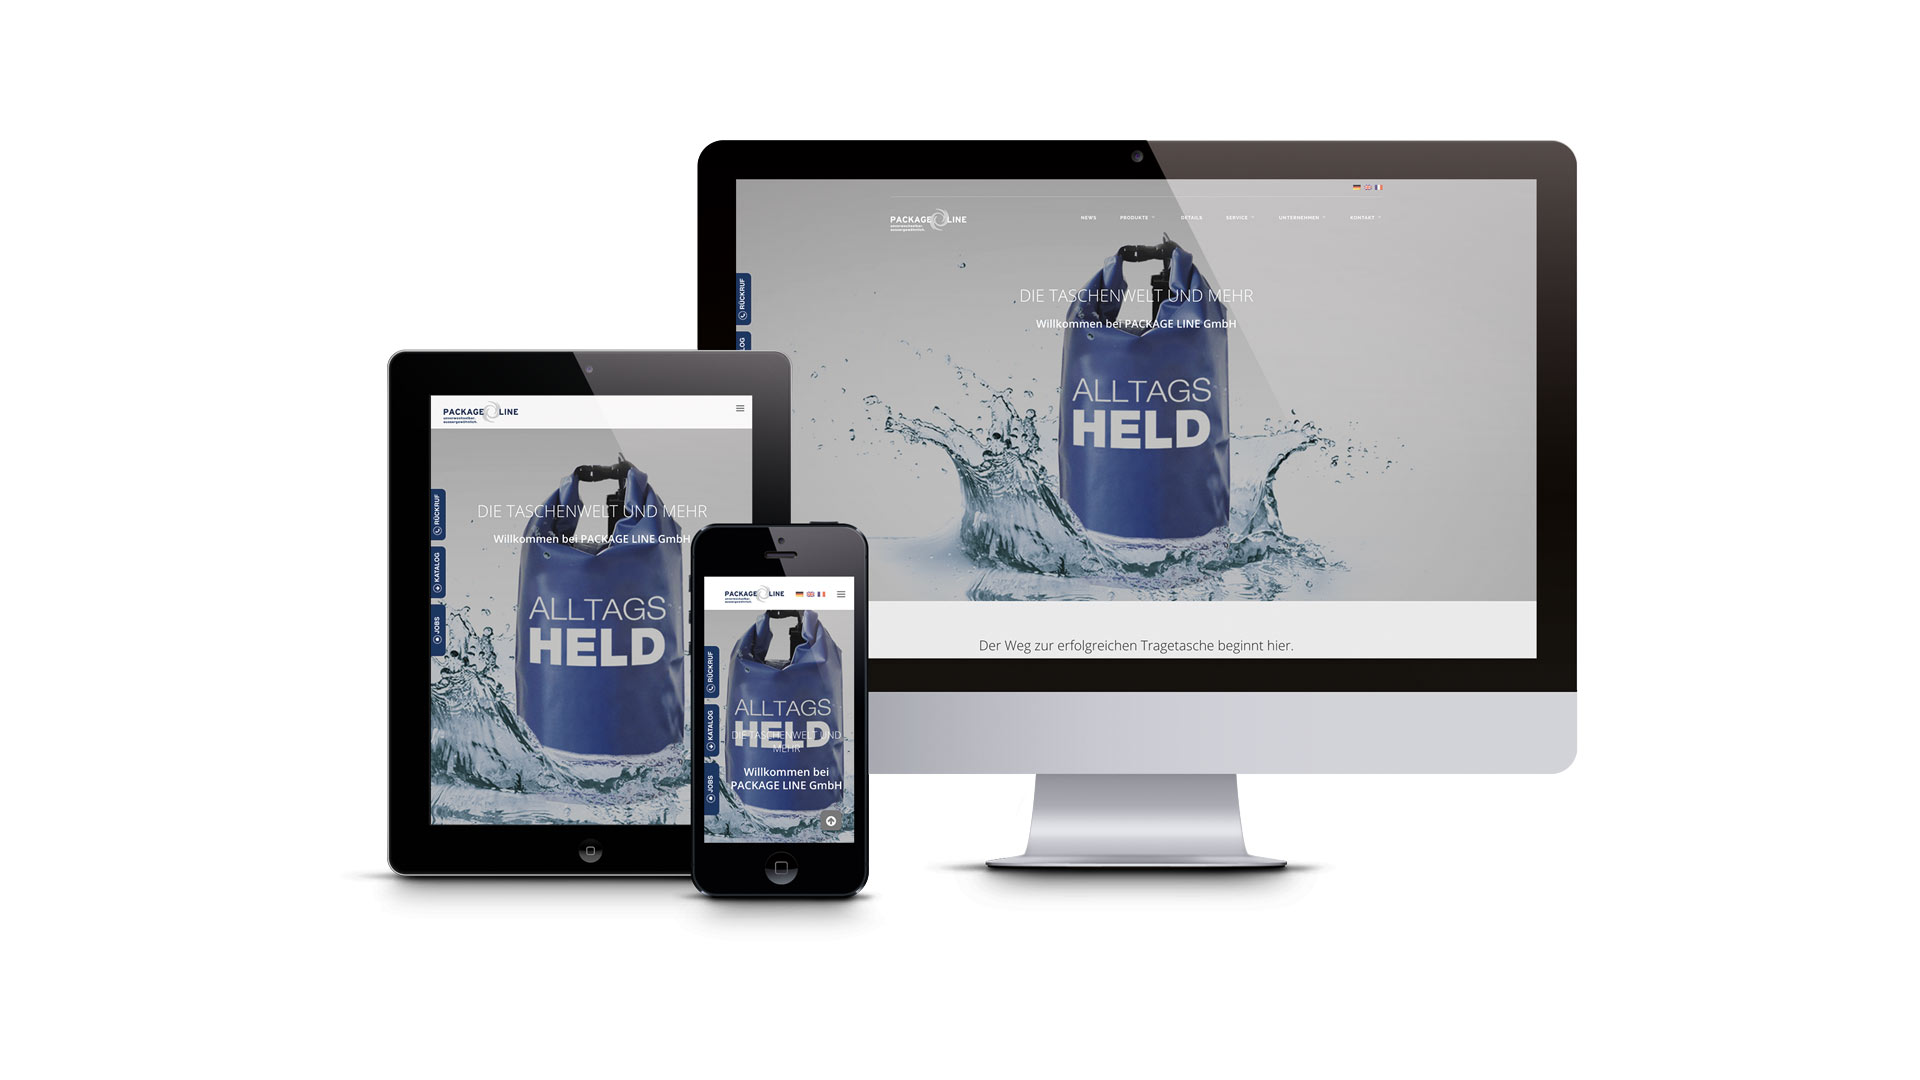 package-line_webdesign